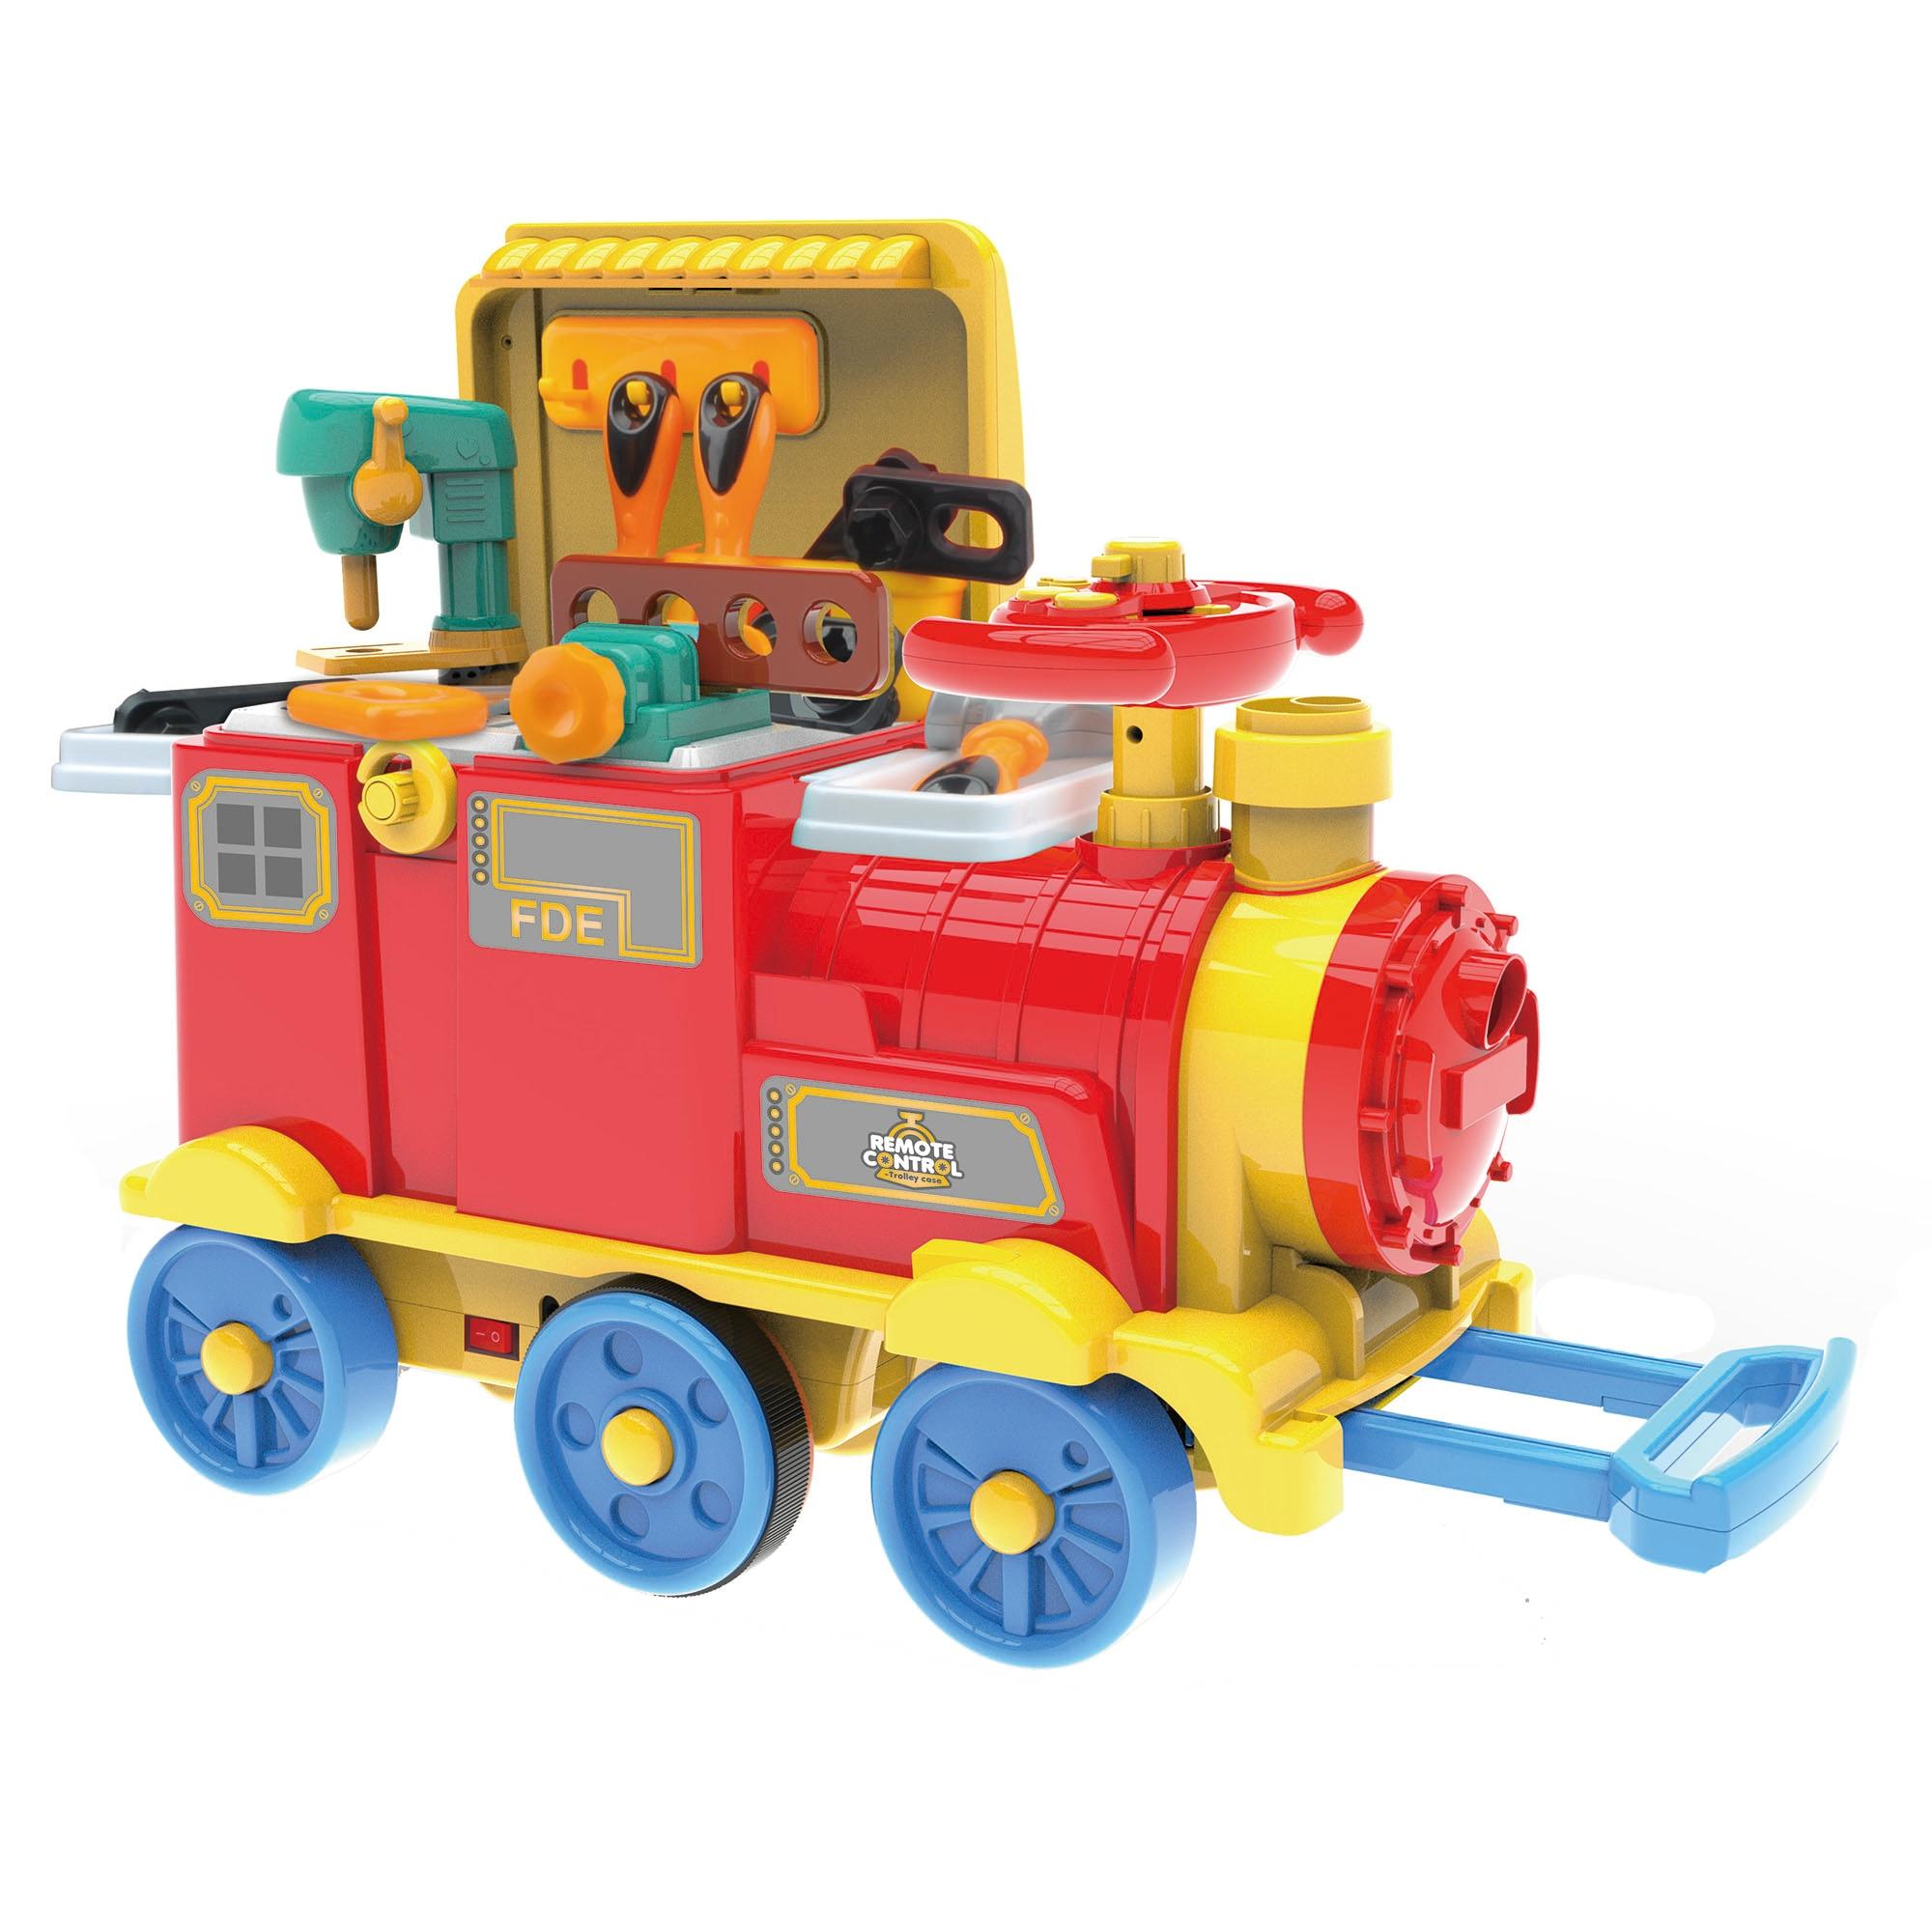 Fotografie Locomotiva ride-on Mappy 2 in 1, RC – Banc de lucru, cu accesorii